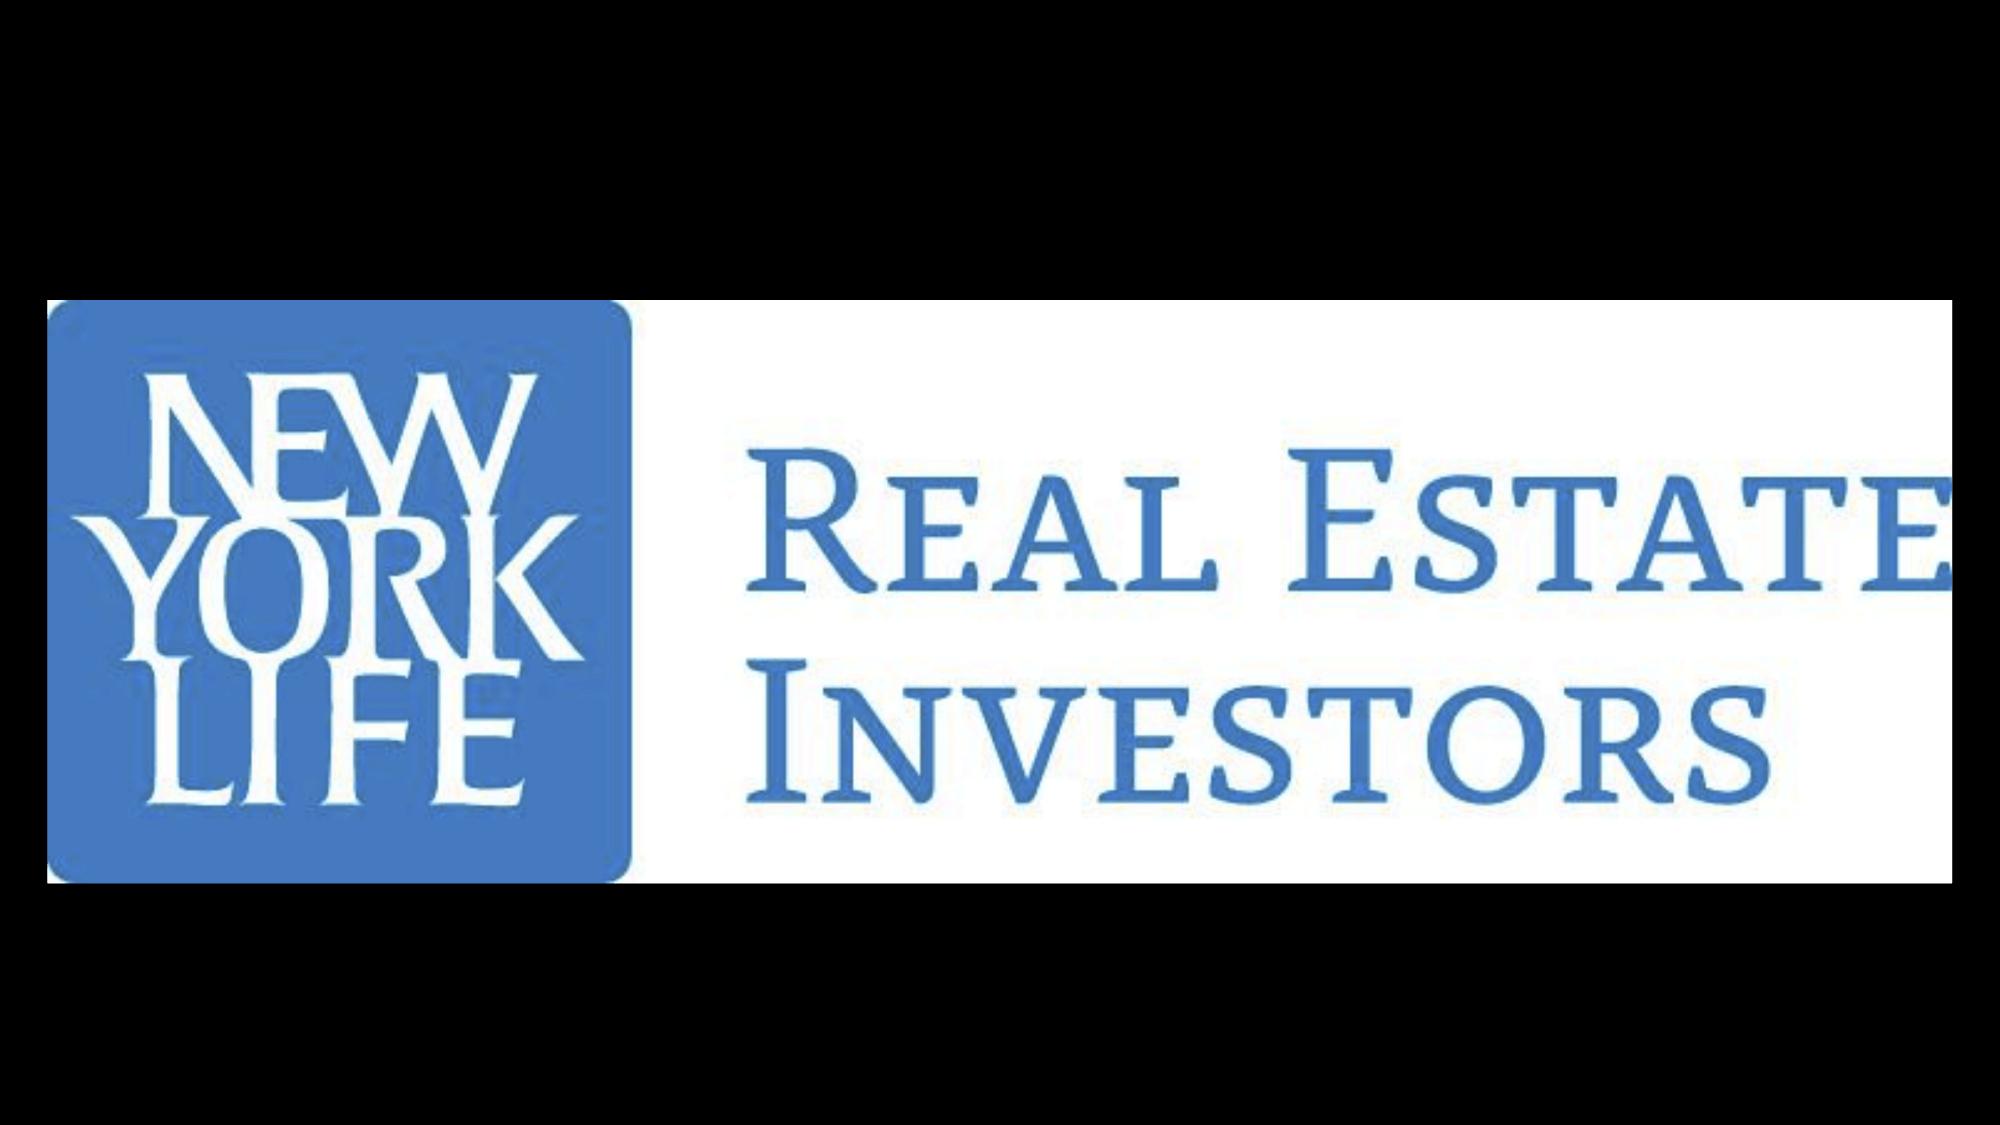 New York Life: Real Estate Investors